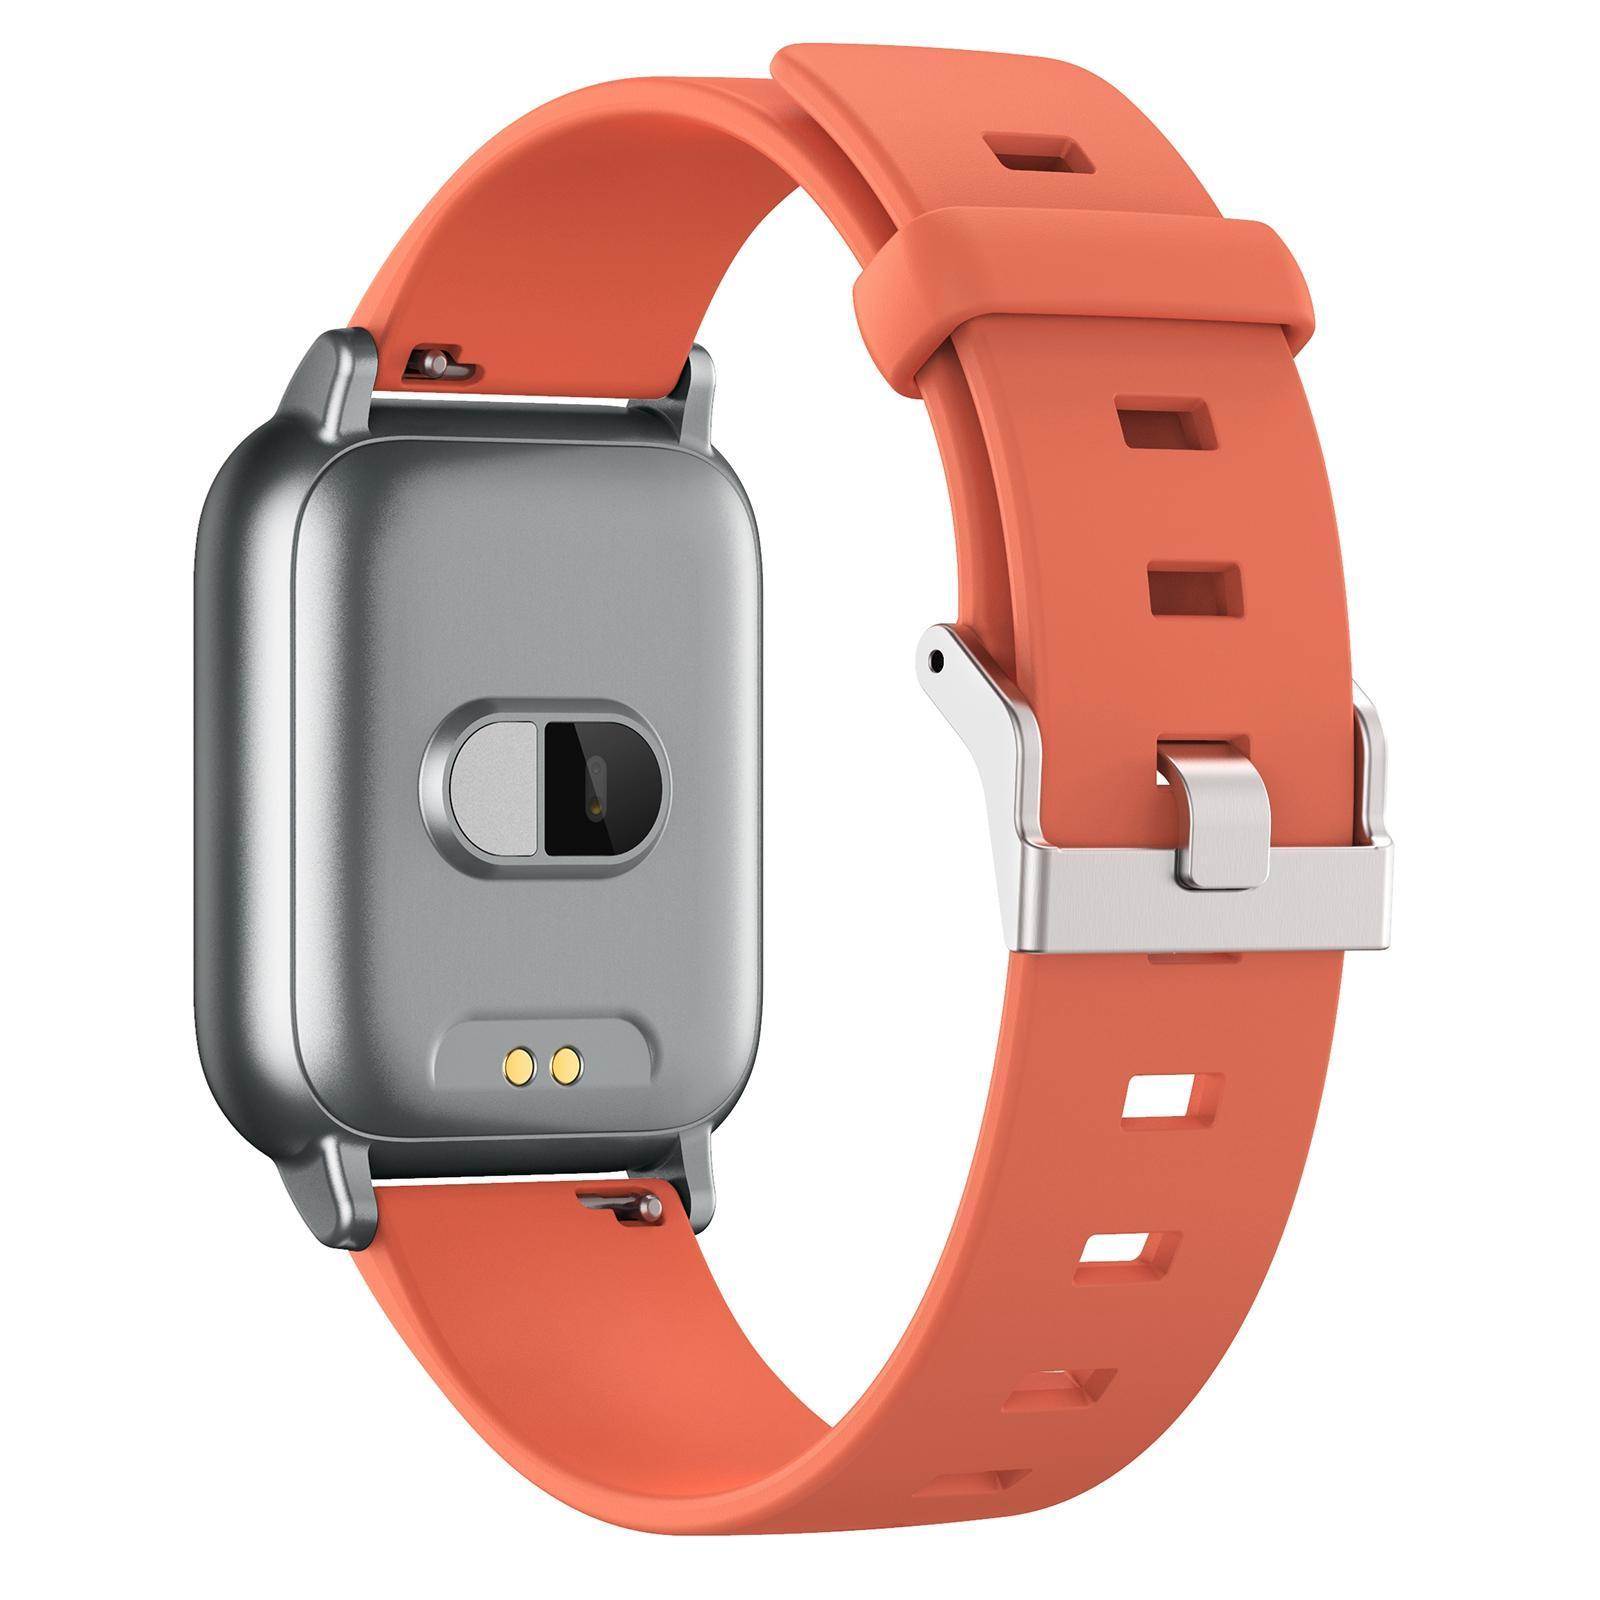 miniature 44 - 2021 NOUVEAU Bluetooth Fitness Tracker Smartwatch Sommeil Moniteur Étanche